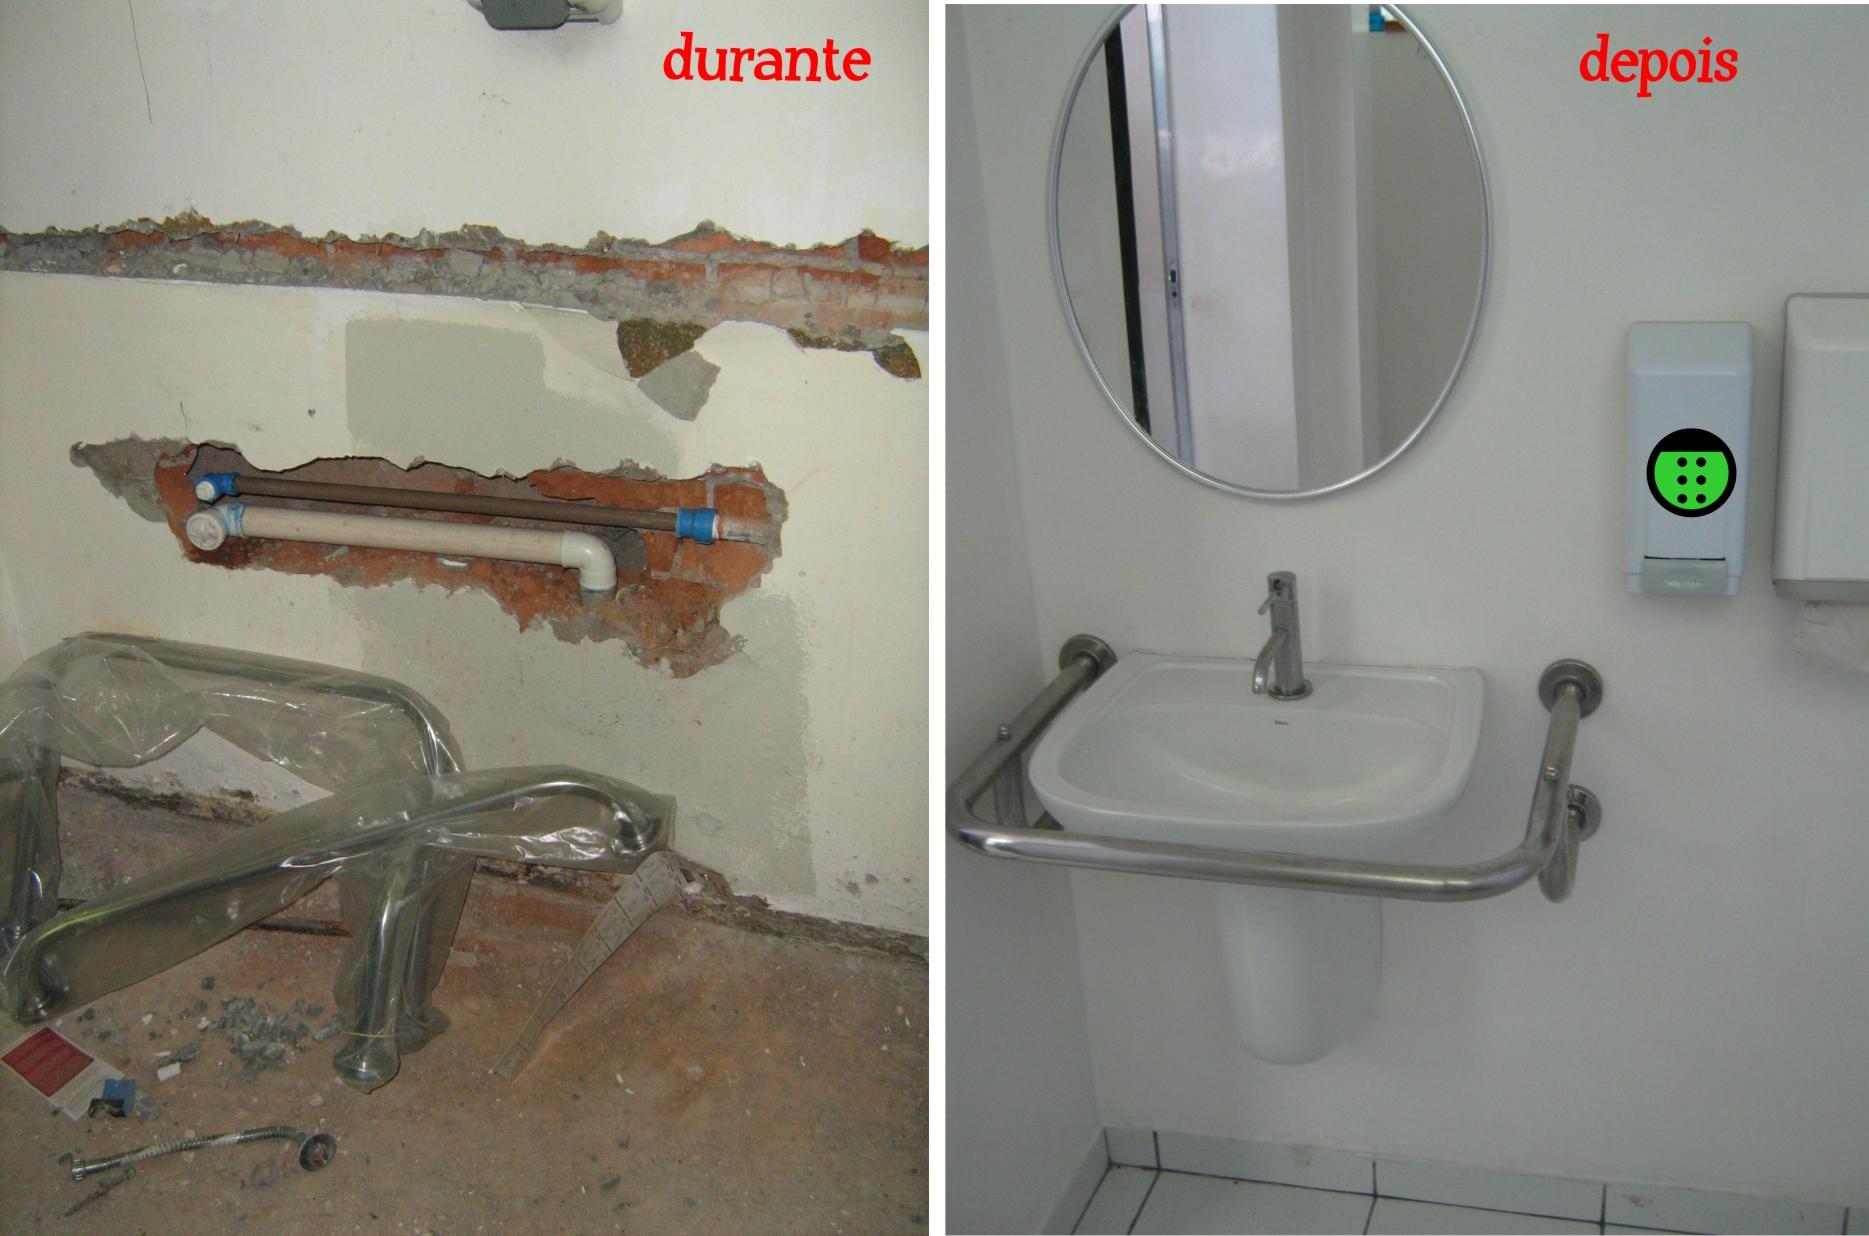 Imagens de #B61615  : torneira alavanca barra de apoio e acessórios em altura adequada 1869x1236 px 3588 Barra Deficiente Banheiro Altura